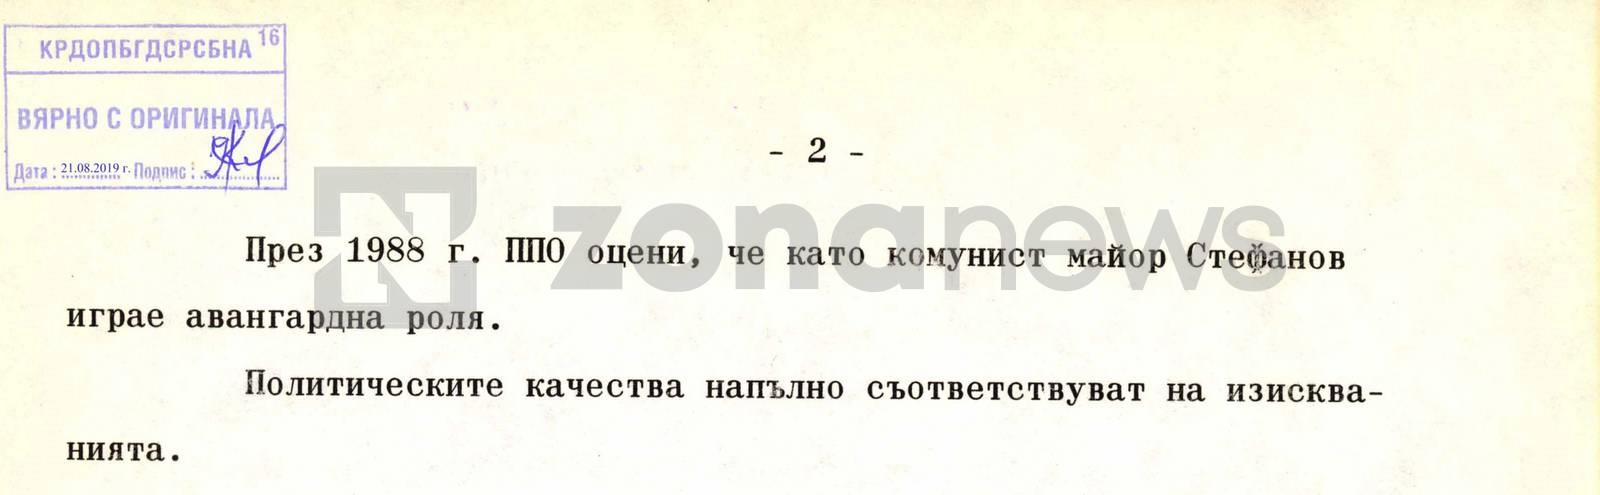 Стефанов също играел авангардна роля в първичната партийна организация